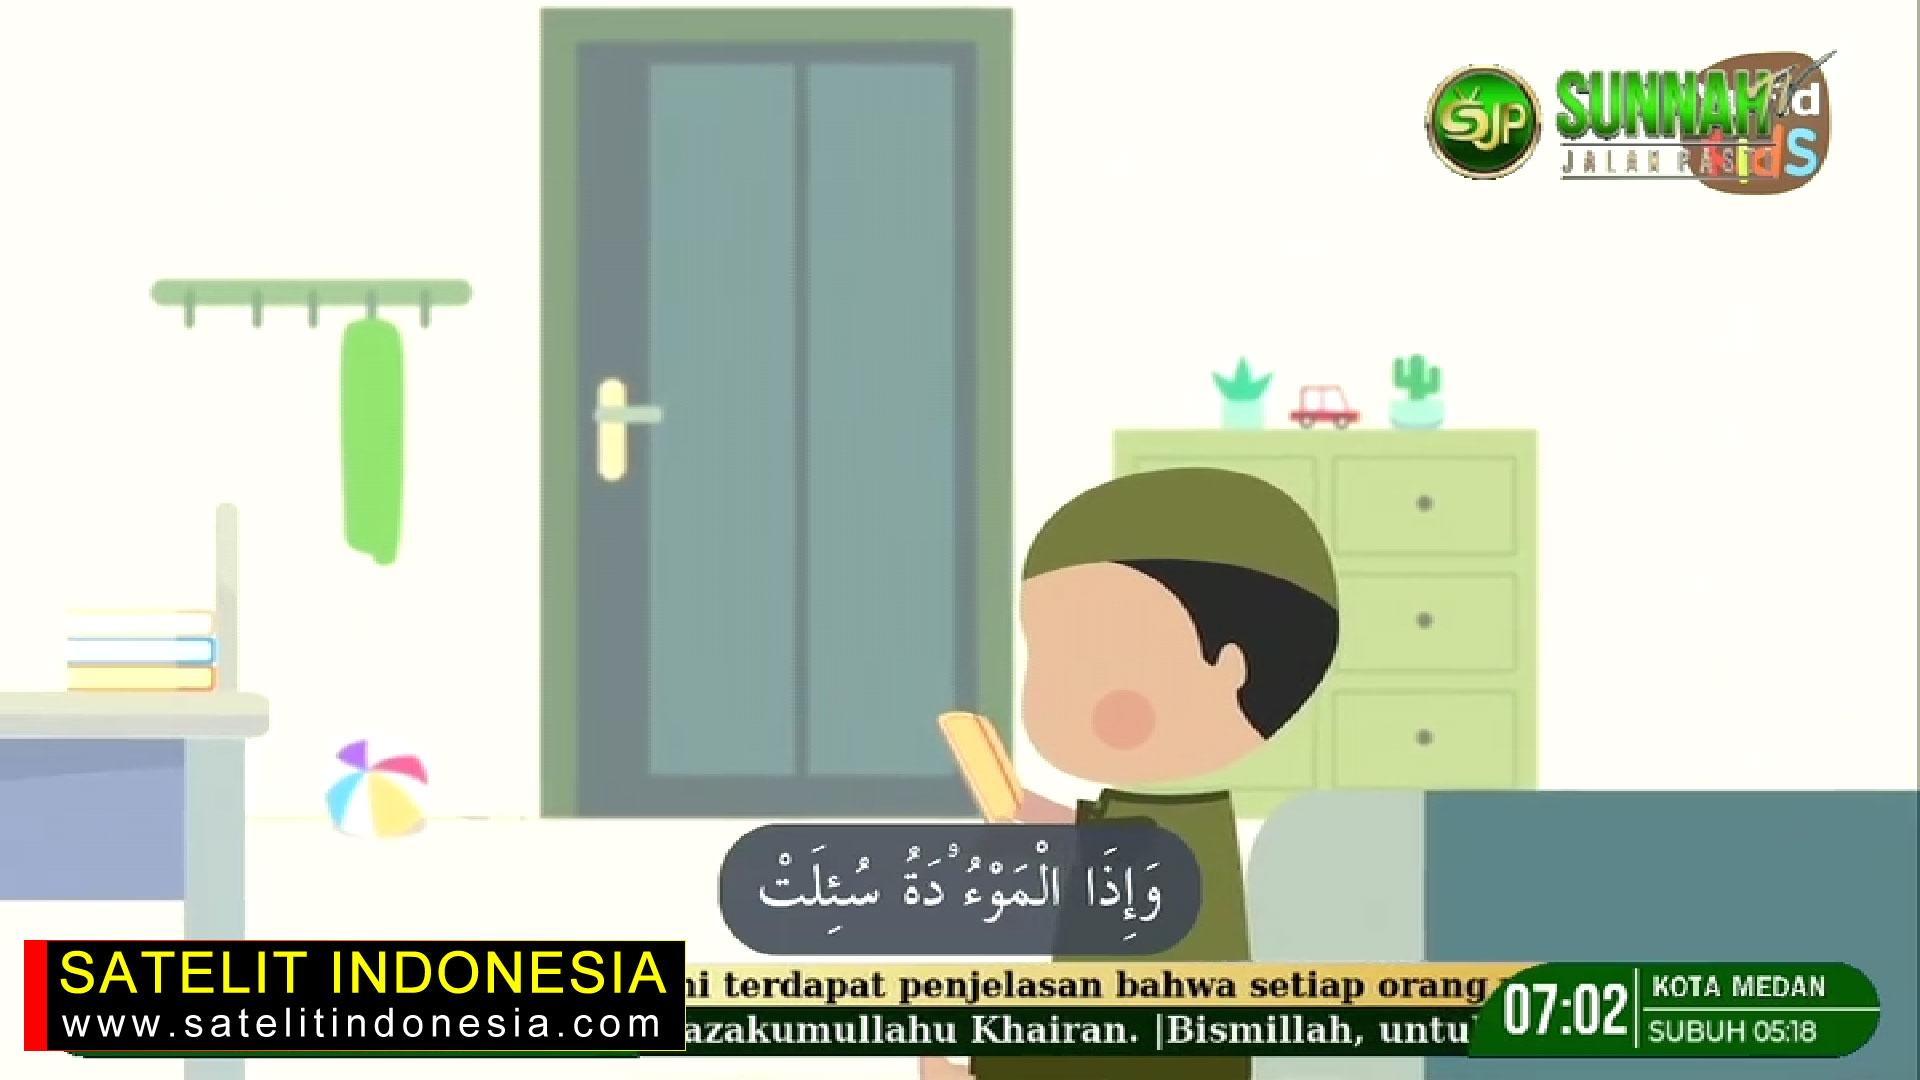 Frekuensi siaran Sunnah Jalan Pasti TV di satelit Telkom 4 Terbaru